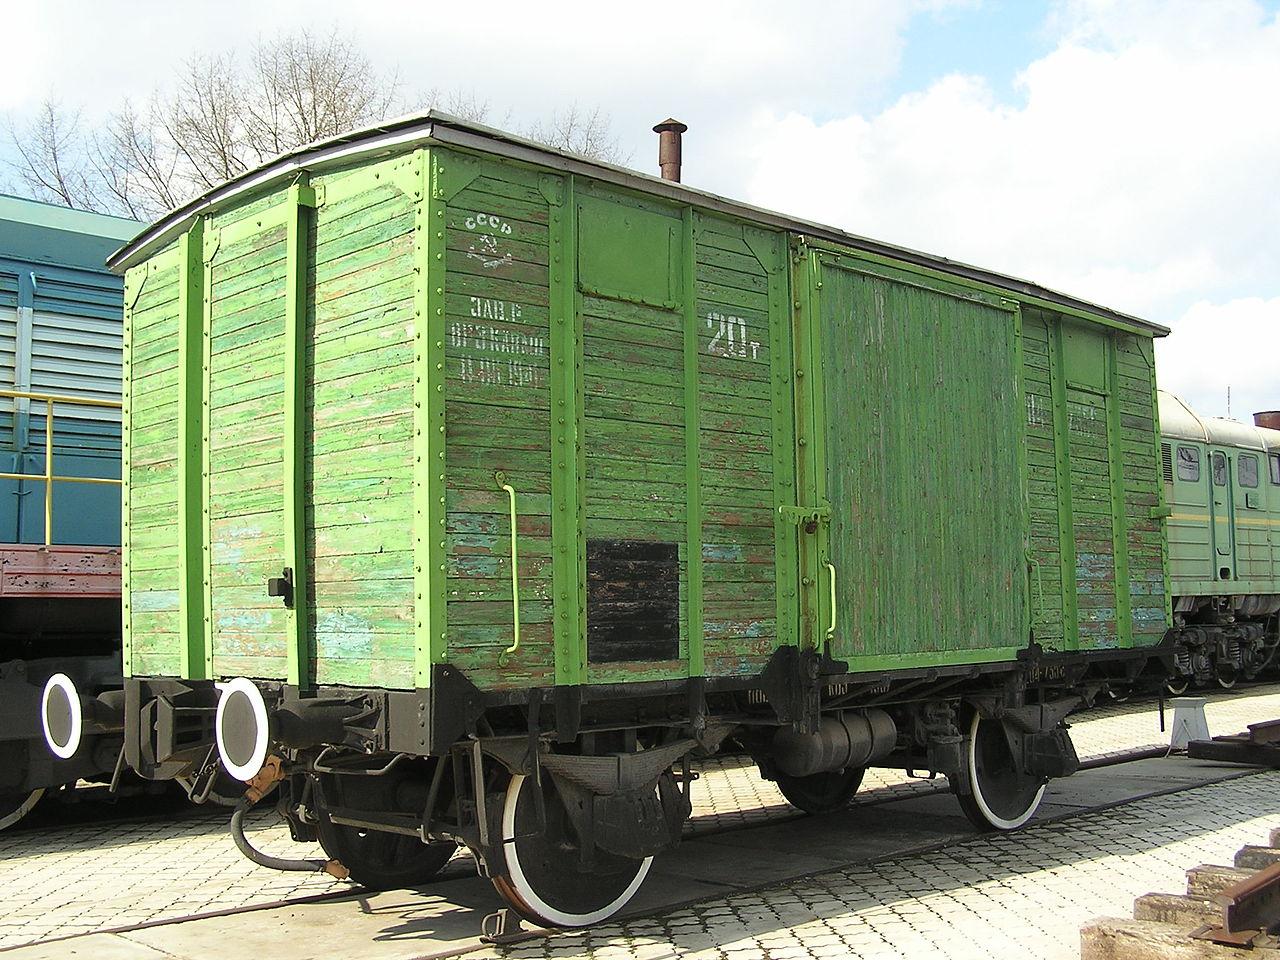 надписи на железнодорожных вагонах